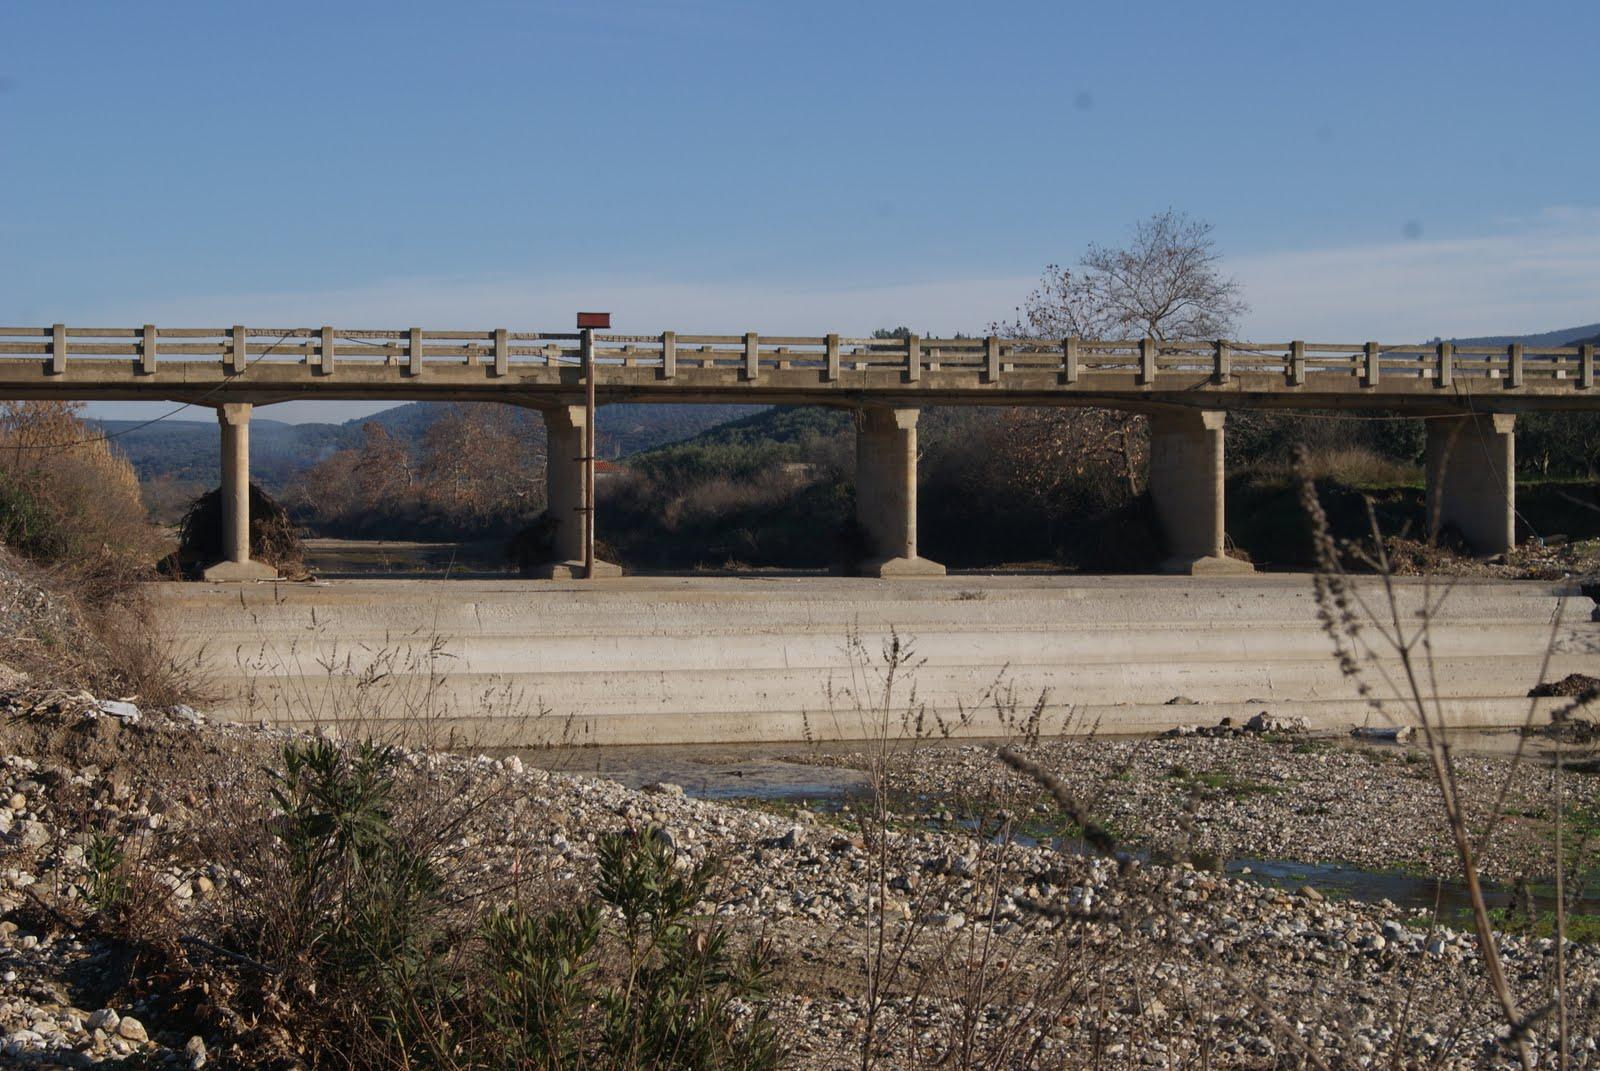 Λες η γέφυρα μας σε επόμενη ισχυρή